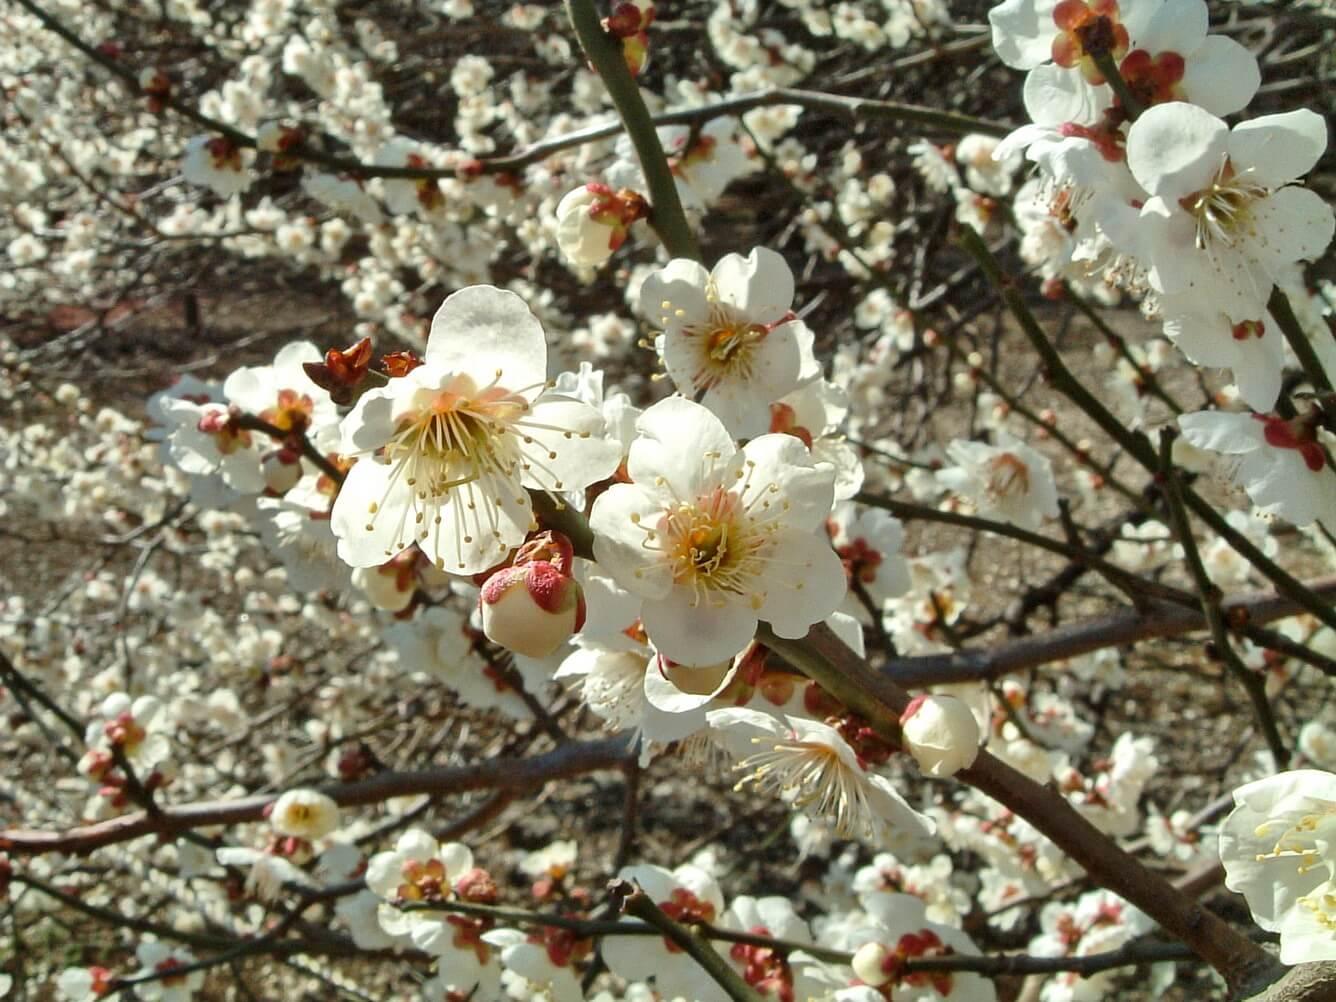 Tháng 1 - Hoa mơ nở trắng đất trắng trời